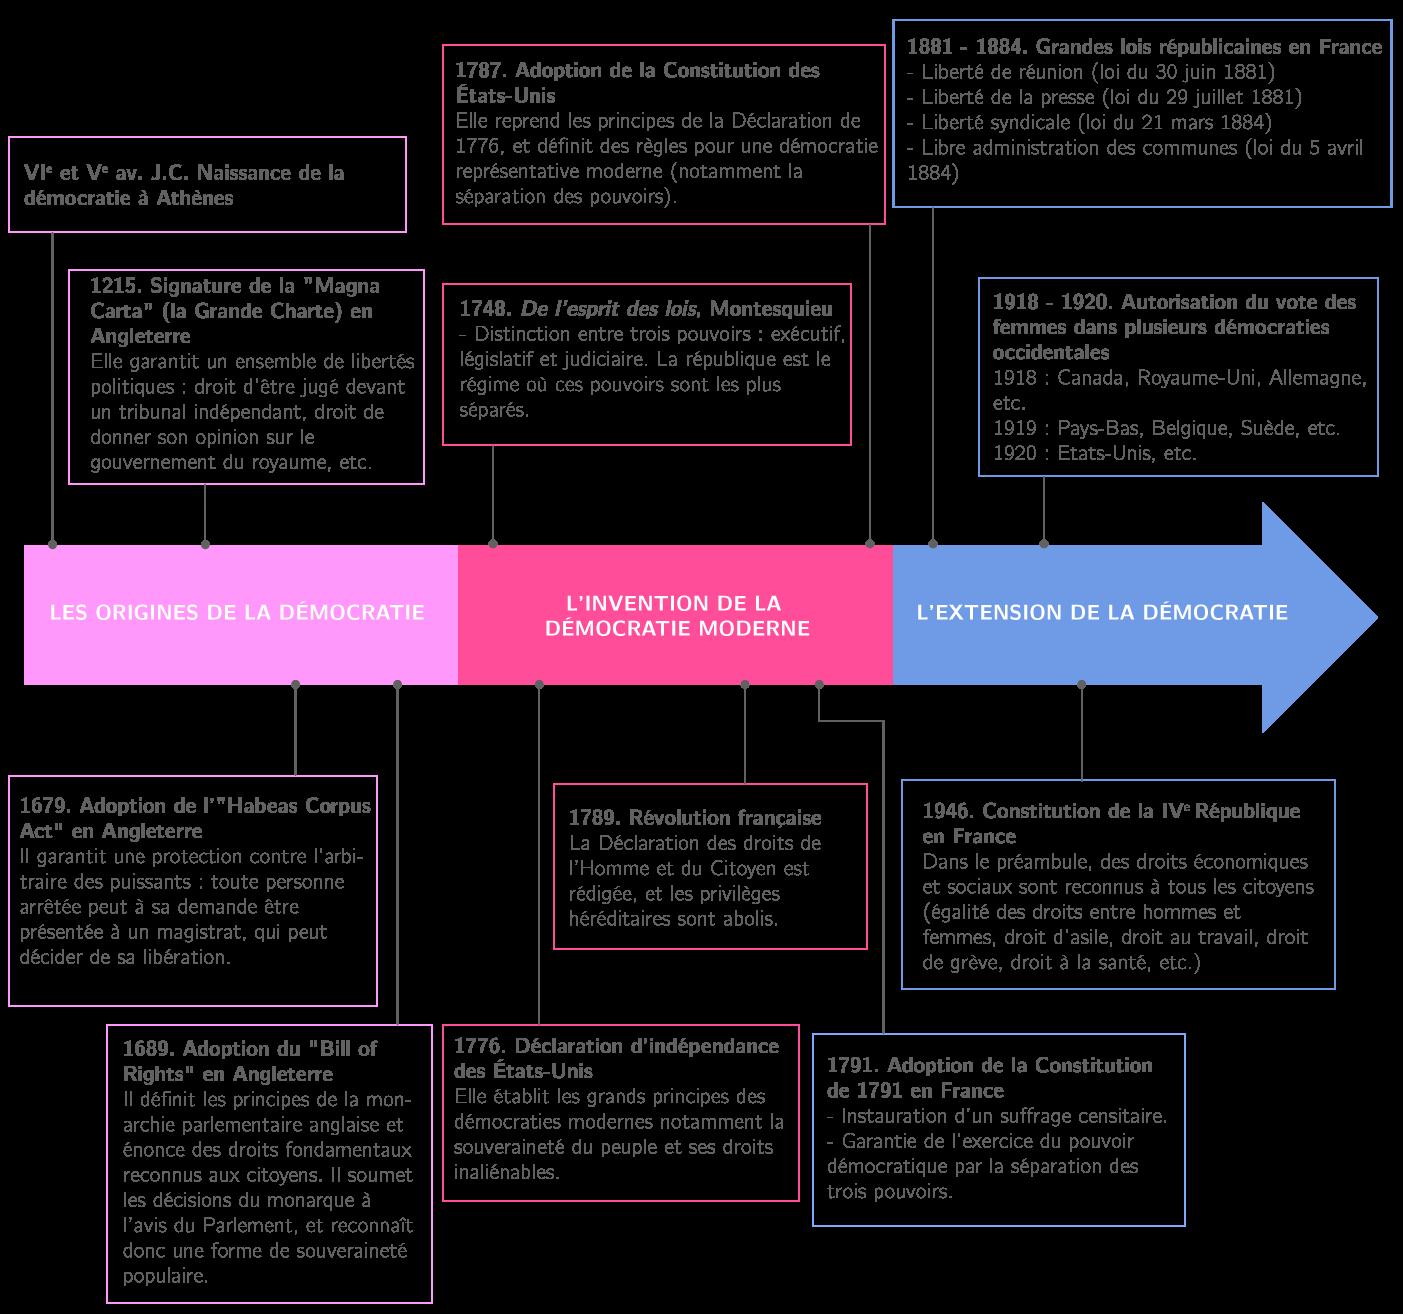 Chronologie de la mise en place de la démocratie